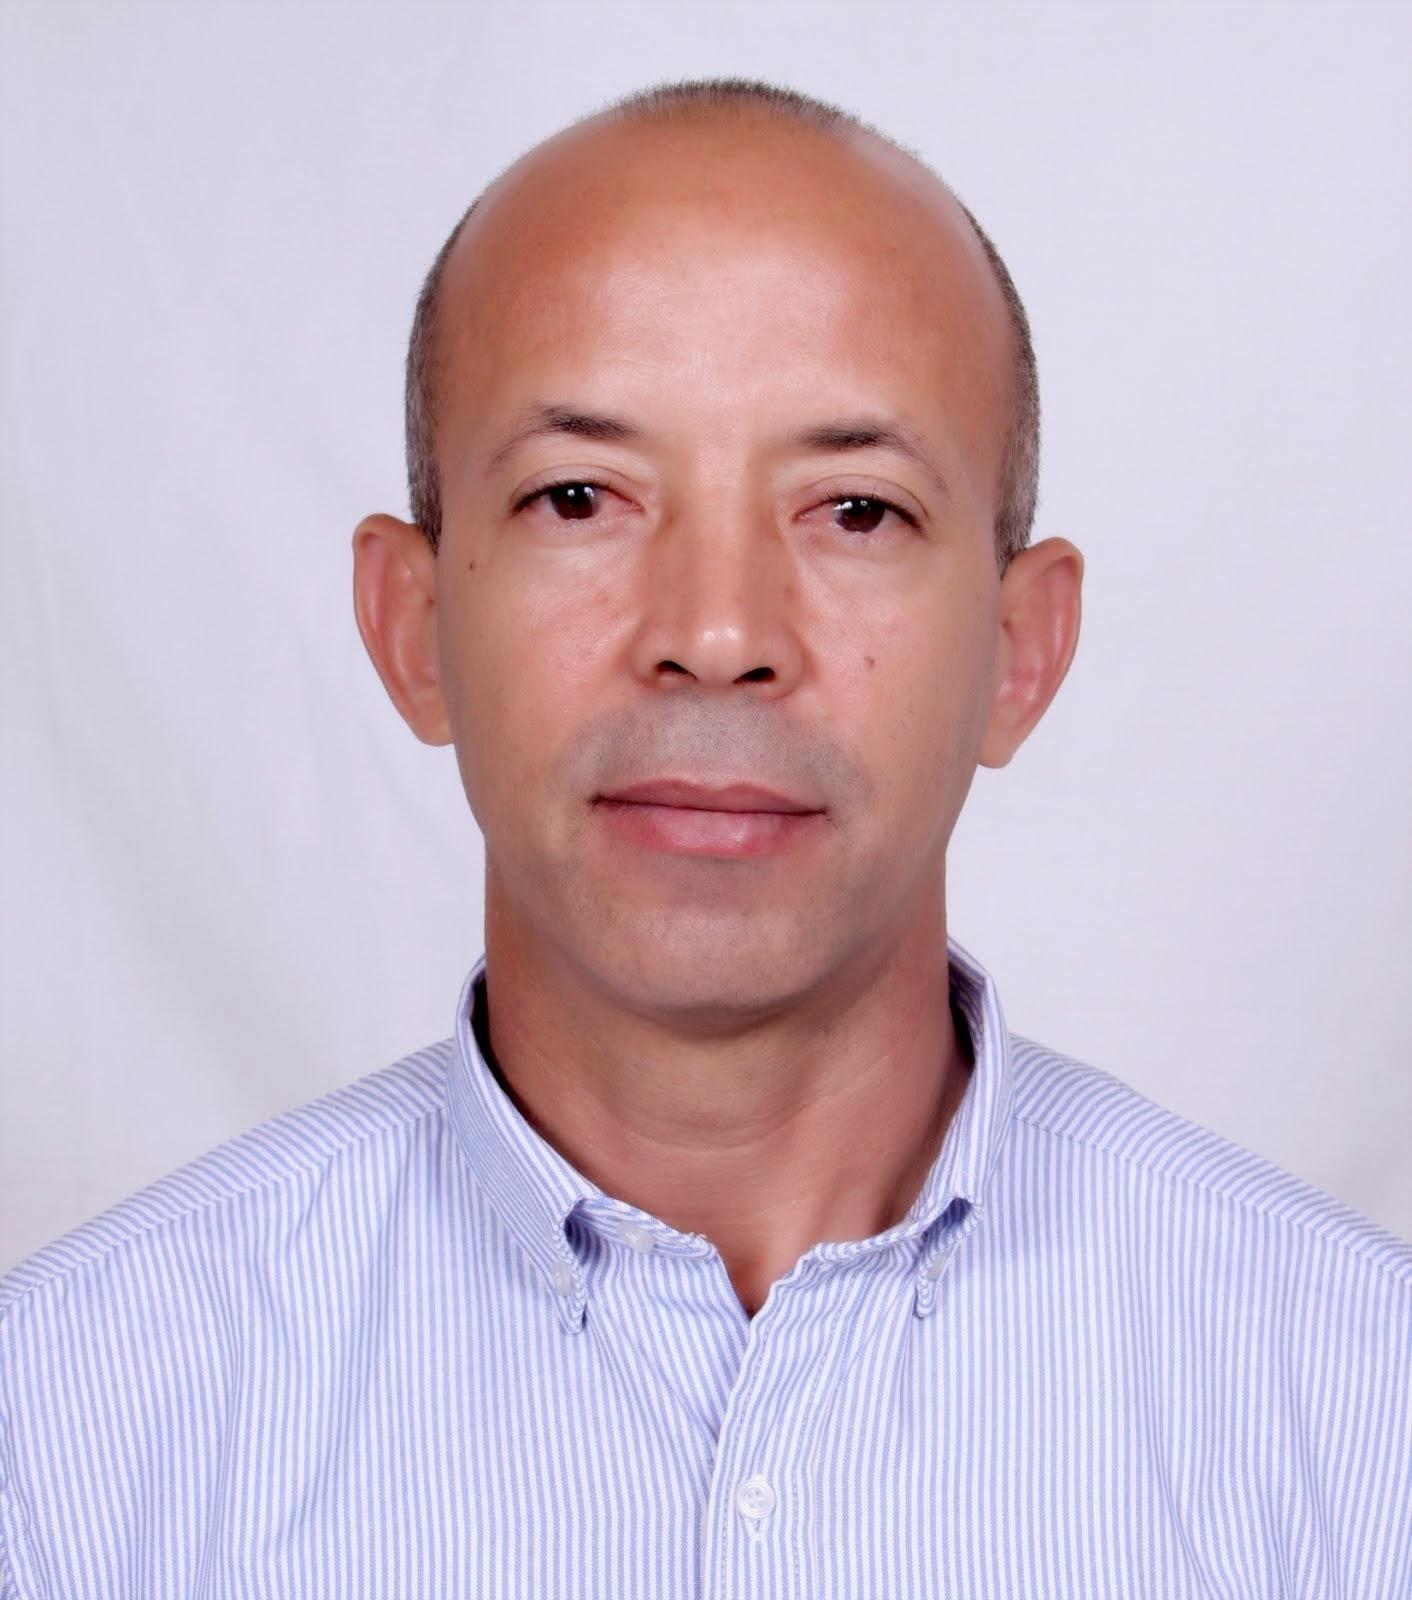 ING. JOSE NICOLAS ROSARIO